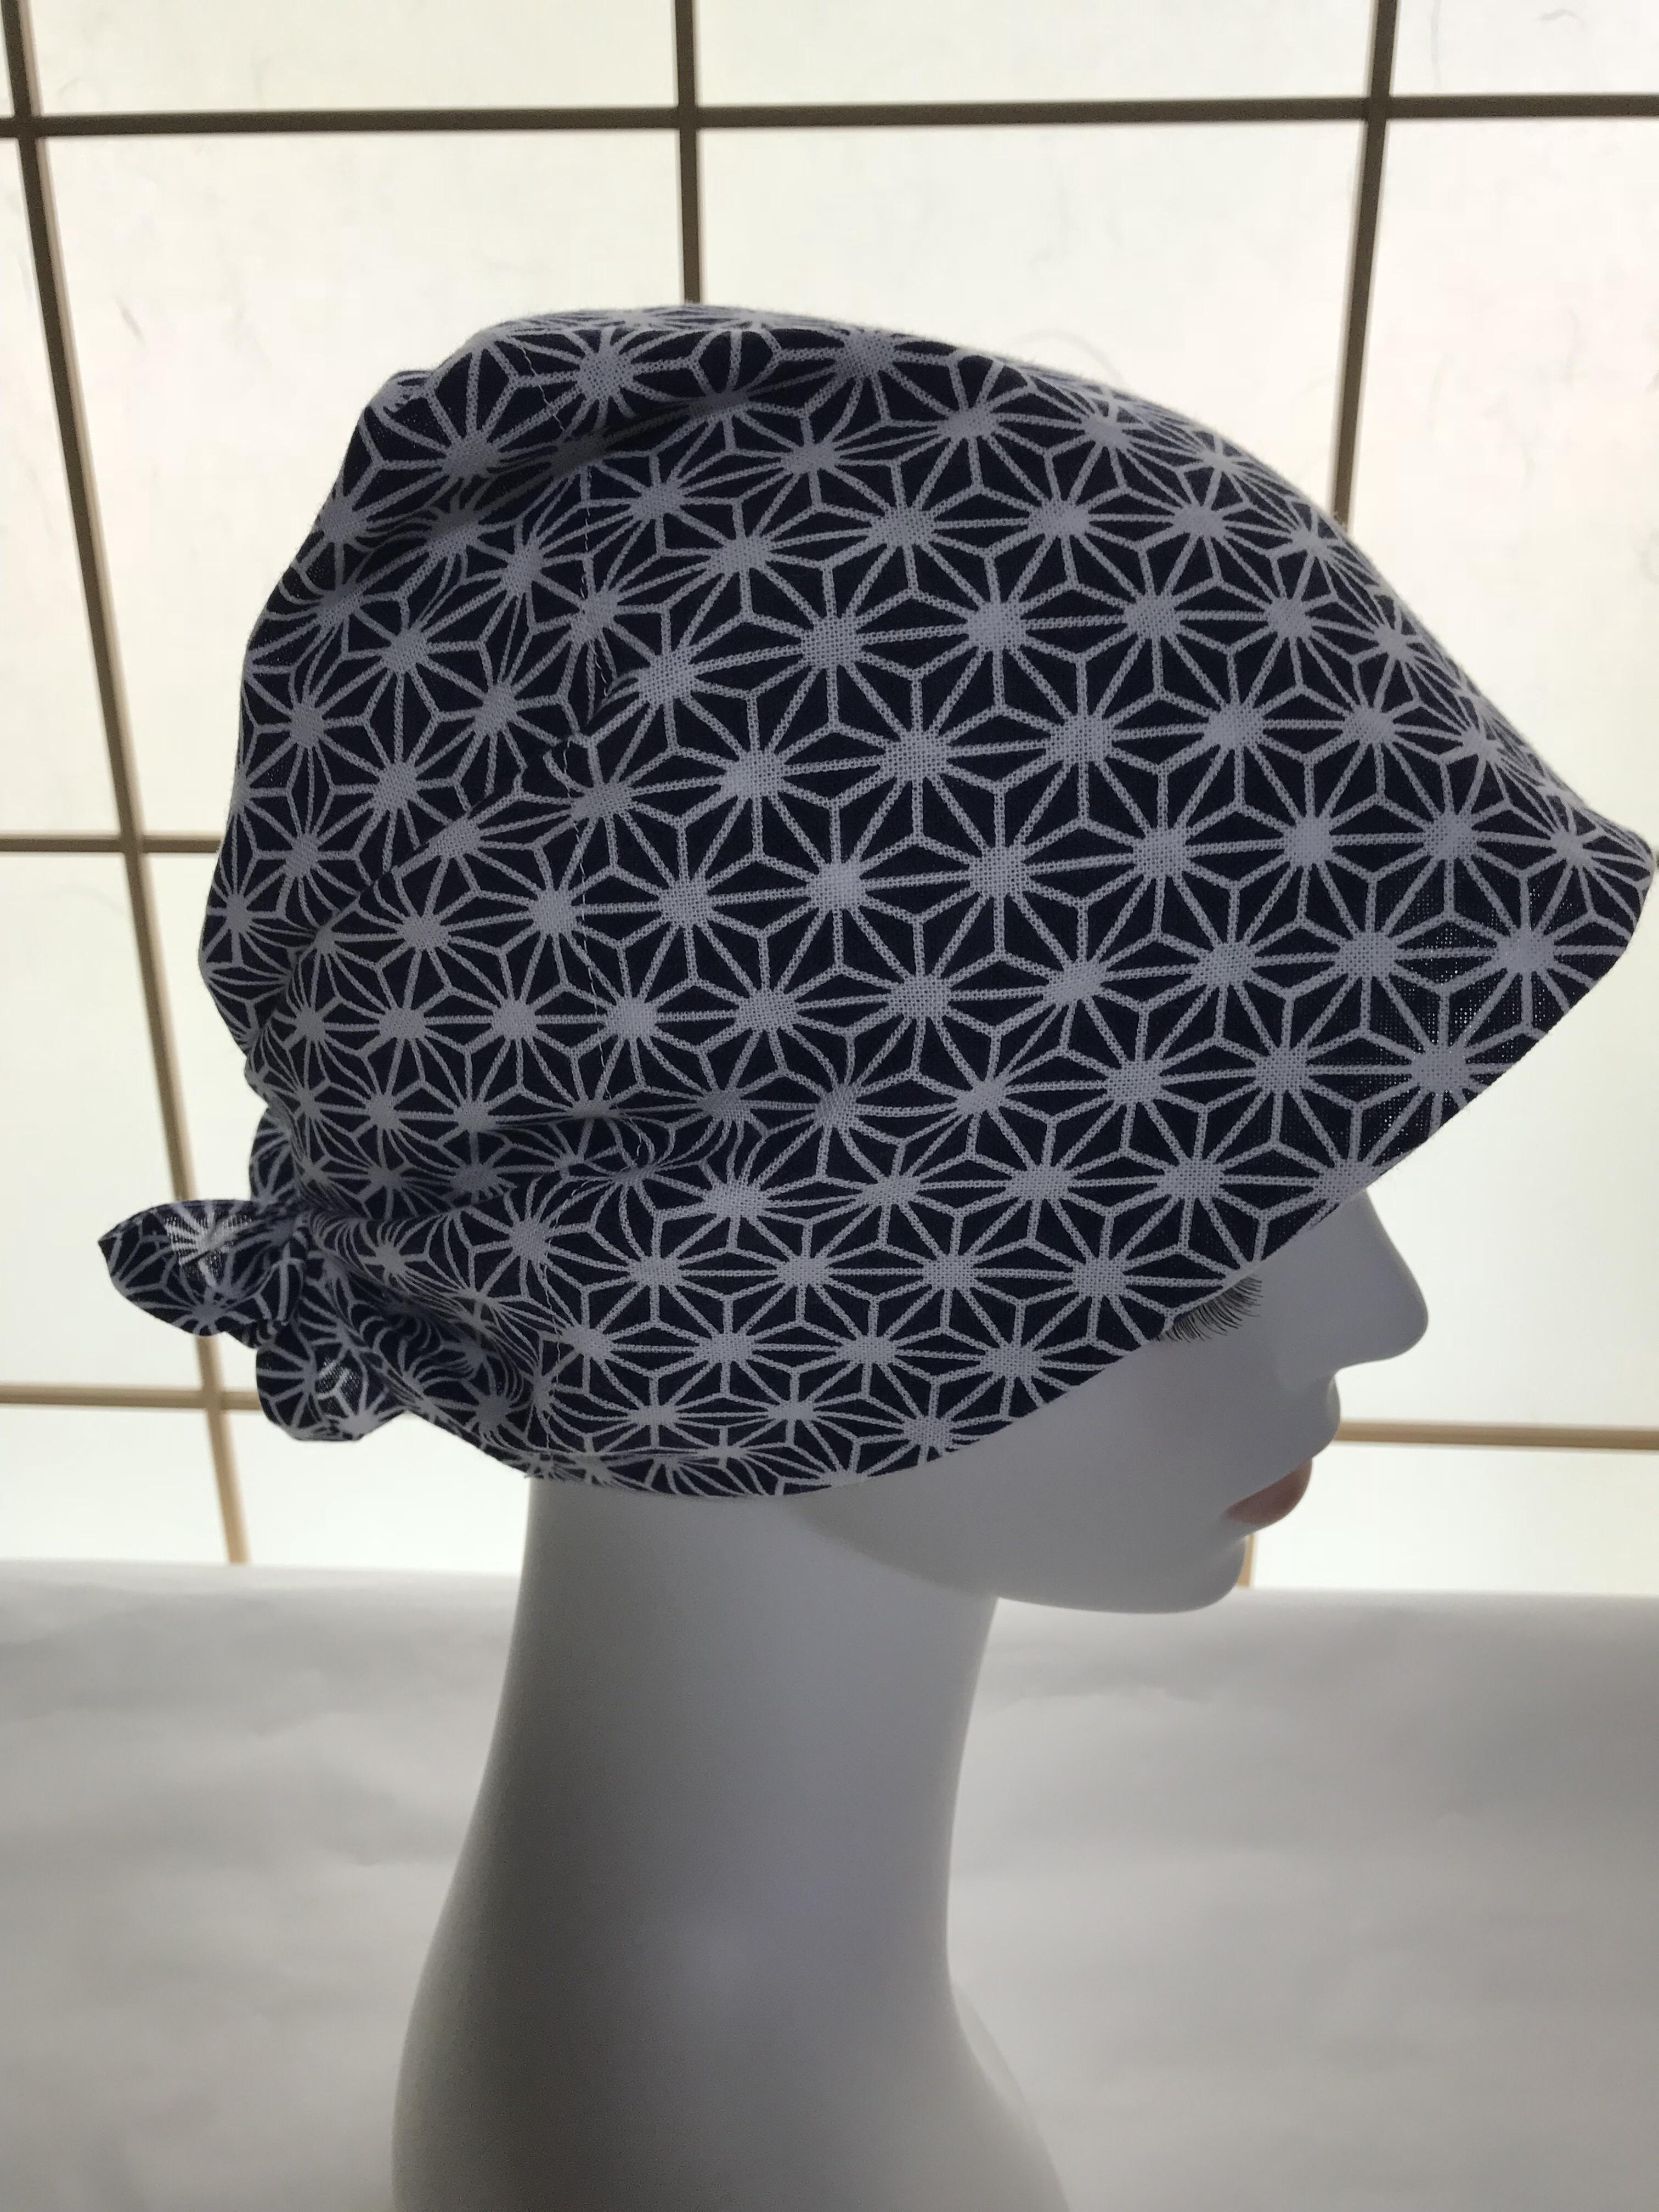 てぬぐいで抗がん剤用の帽子を試作